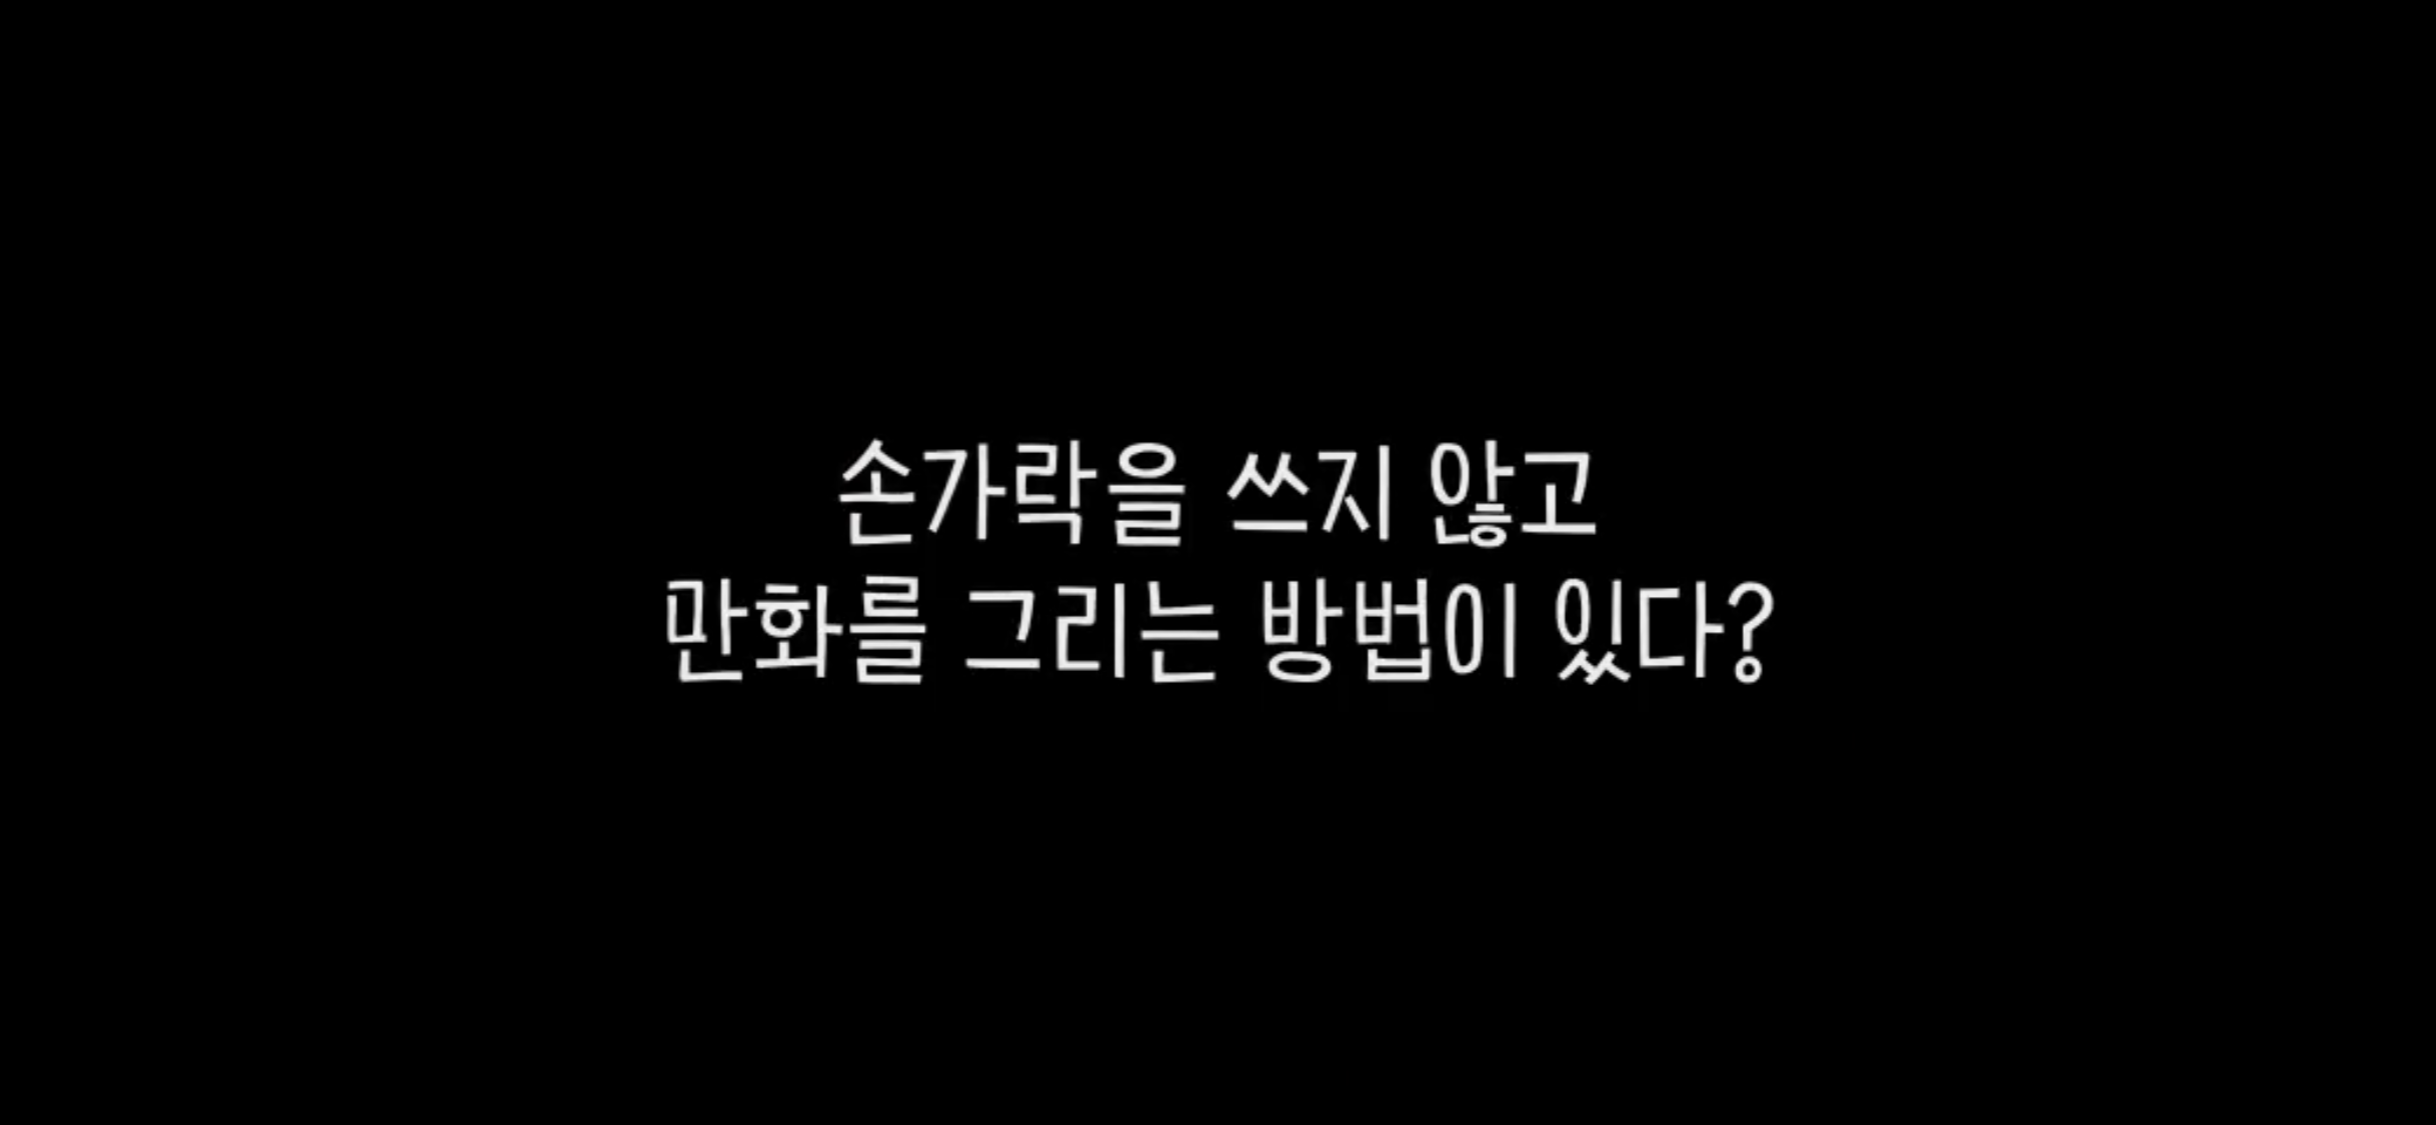 """'순정 대가' 천계영 작가, 유튜브 라이브 통해 작업 방송 예고... """"목소리로 만화를 그리는 작업모습 보여드릴게요"""""""